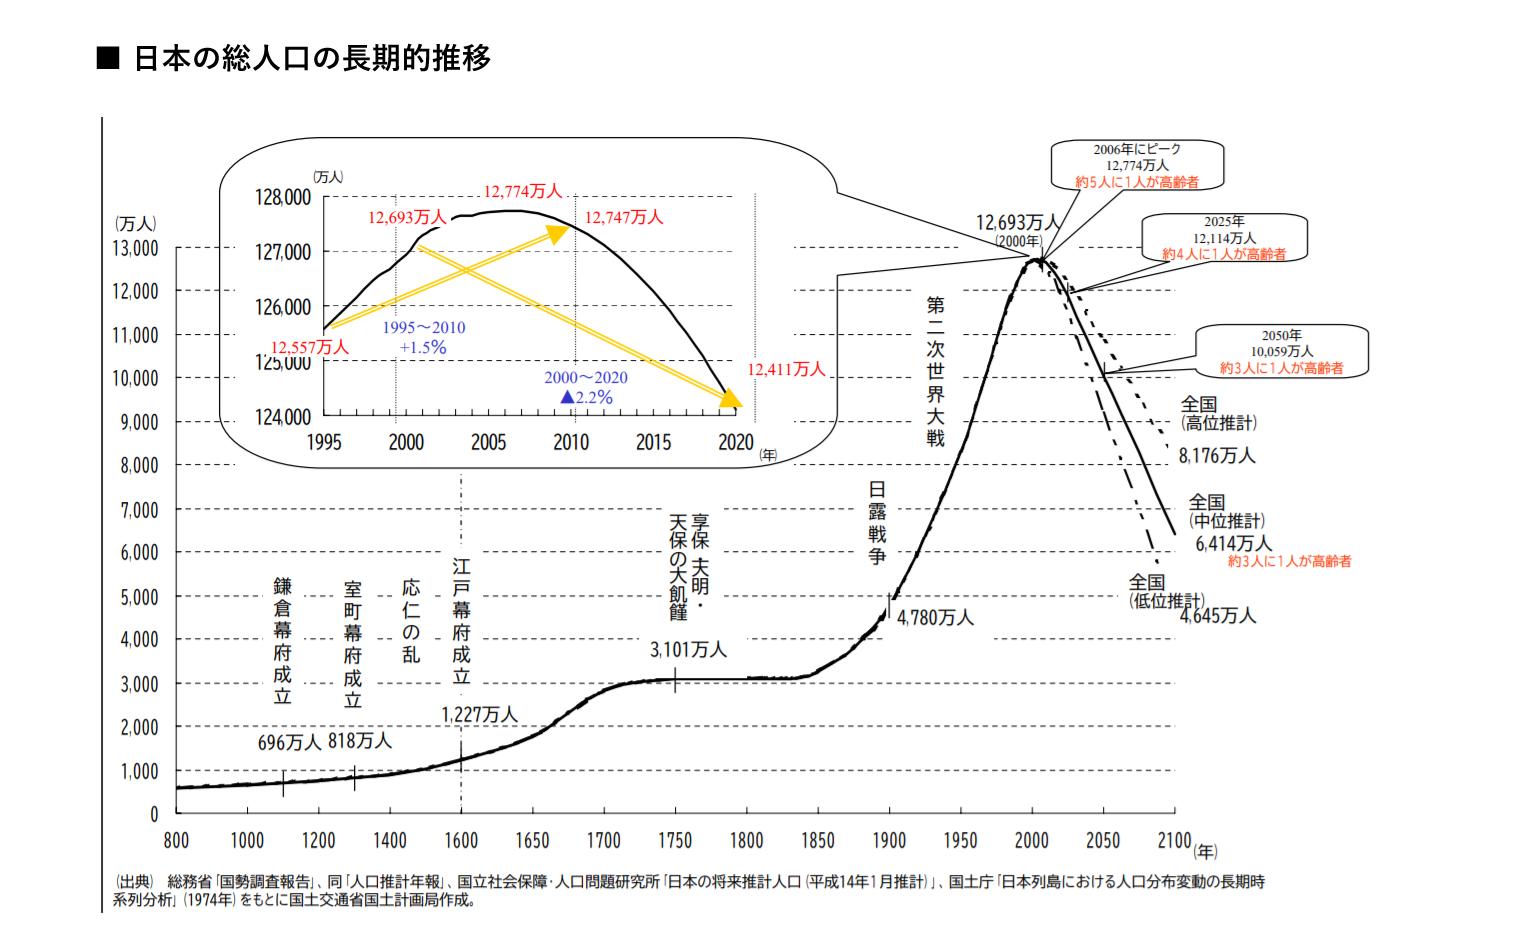 日本の総人口の長期的推移 イメージ画像